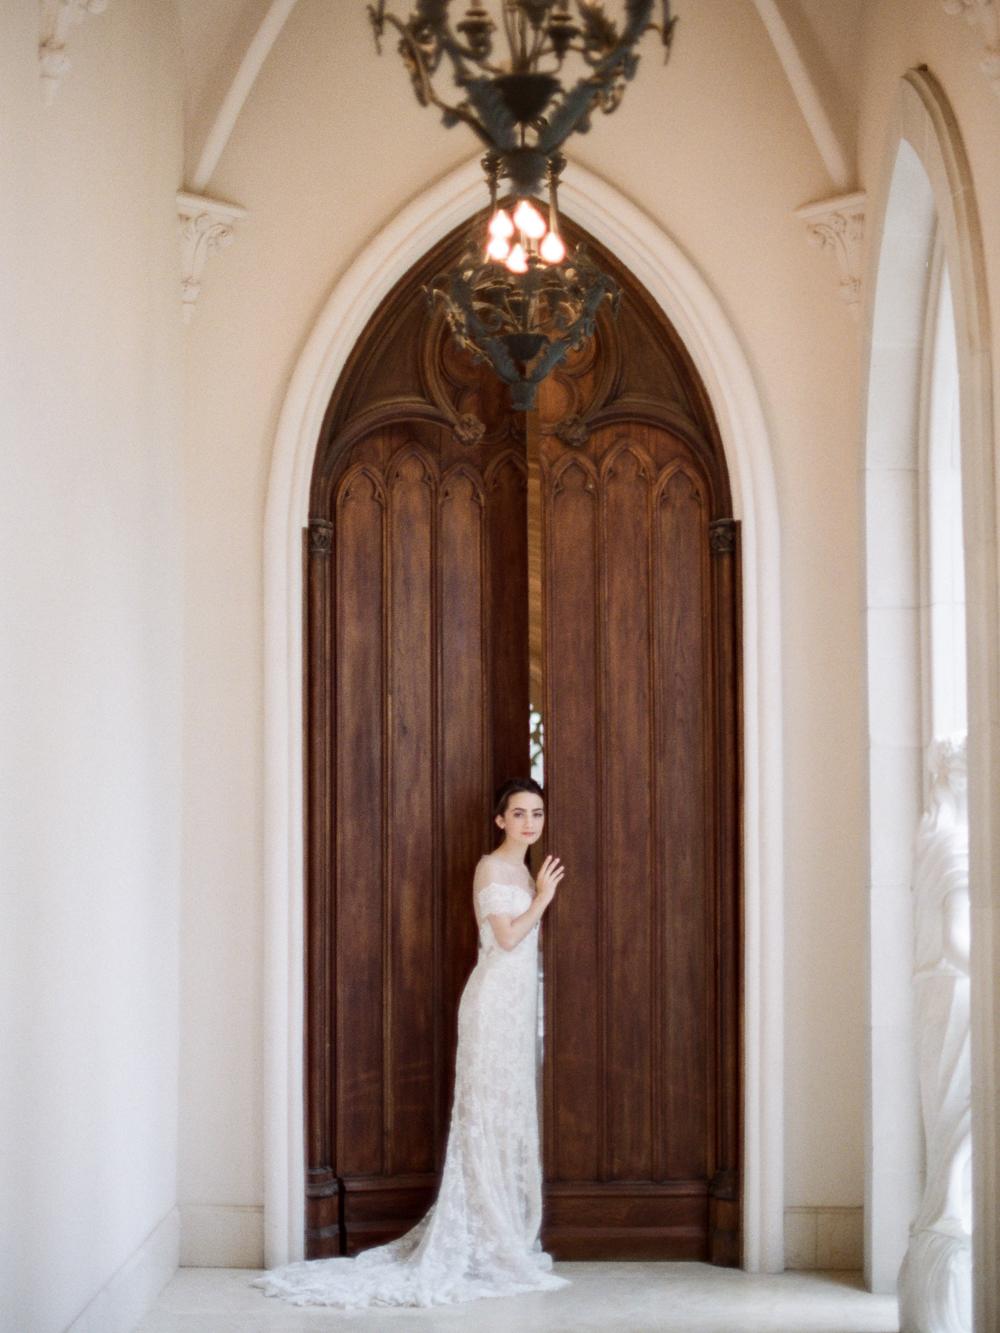 Royal wedding inspiration_christine Gosch_Houston wedding photographer_houston wedding _houston film photographer_film photographer_www.christinegosch.com-1.jpg